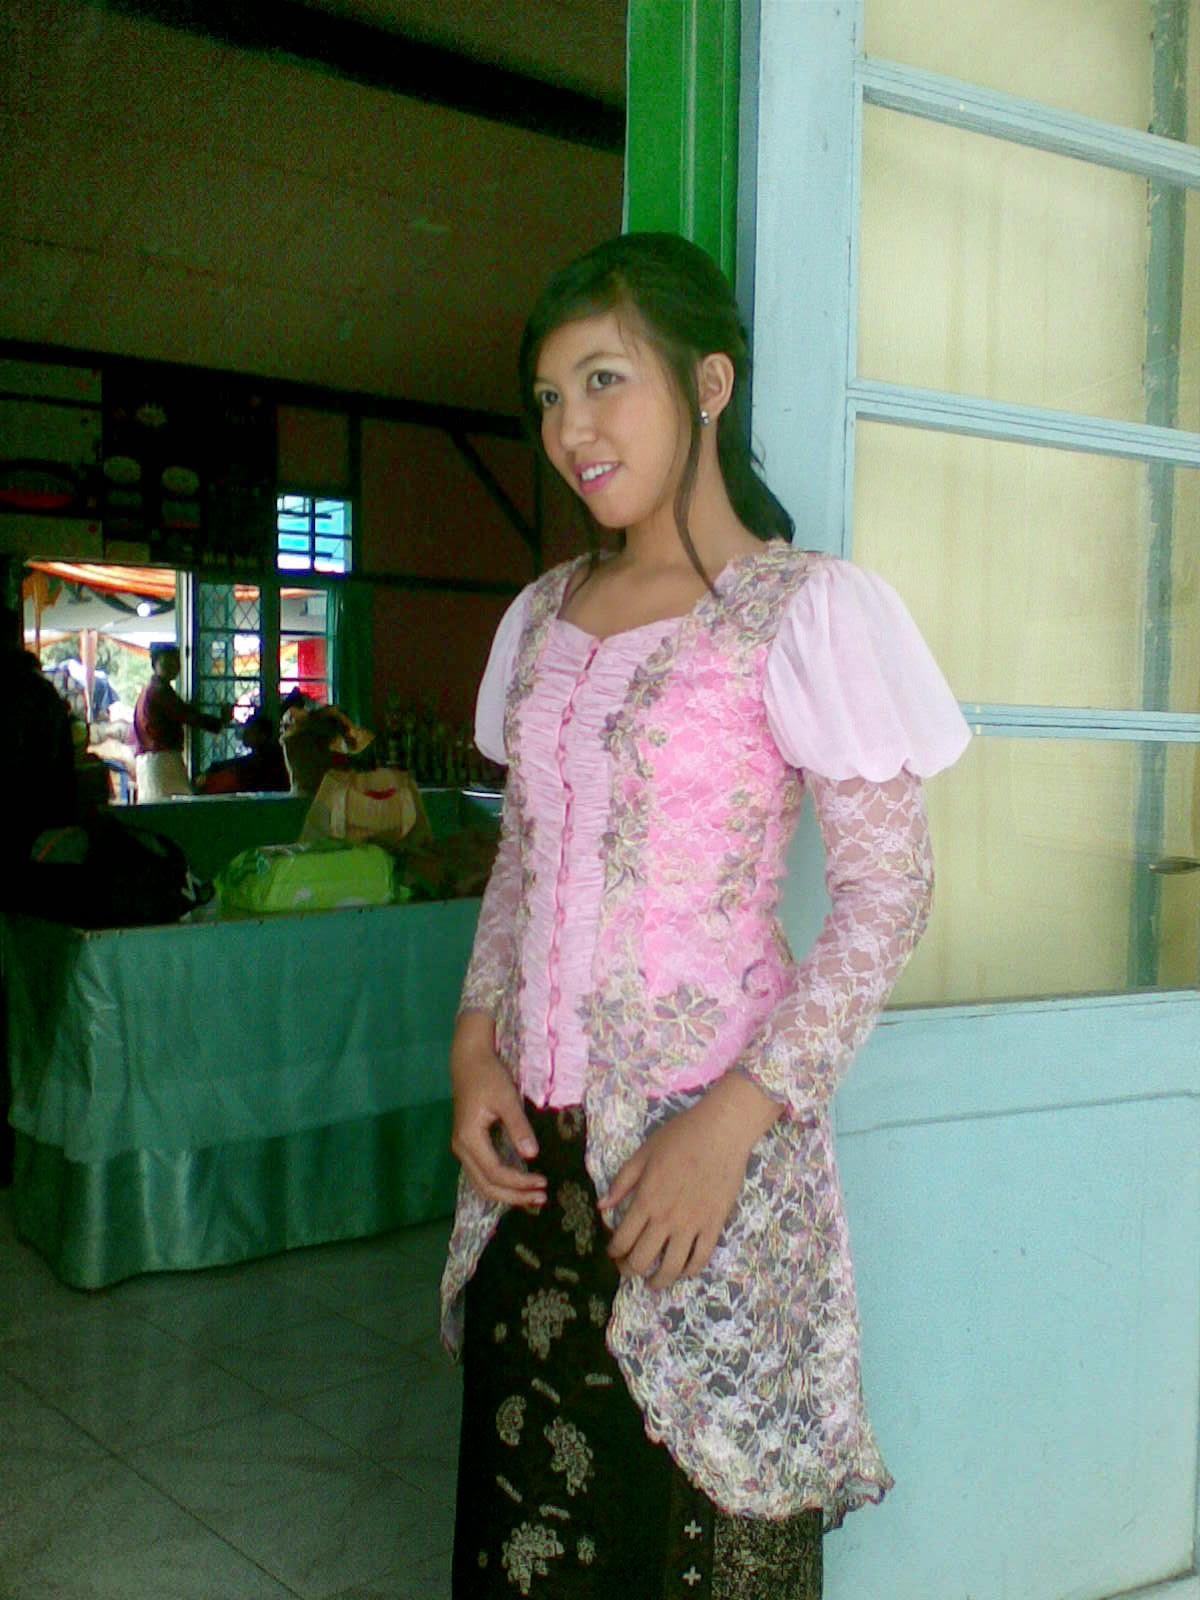 Seafood Pot Pie Barefoot Contessa Gambar Baju Kanak Kanak Kumpulan Foto Model Baju Kebaya